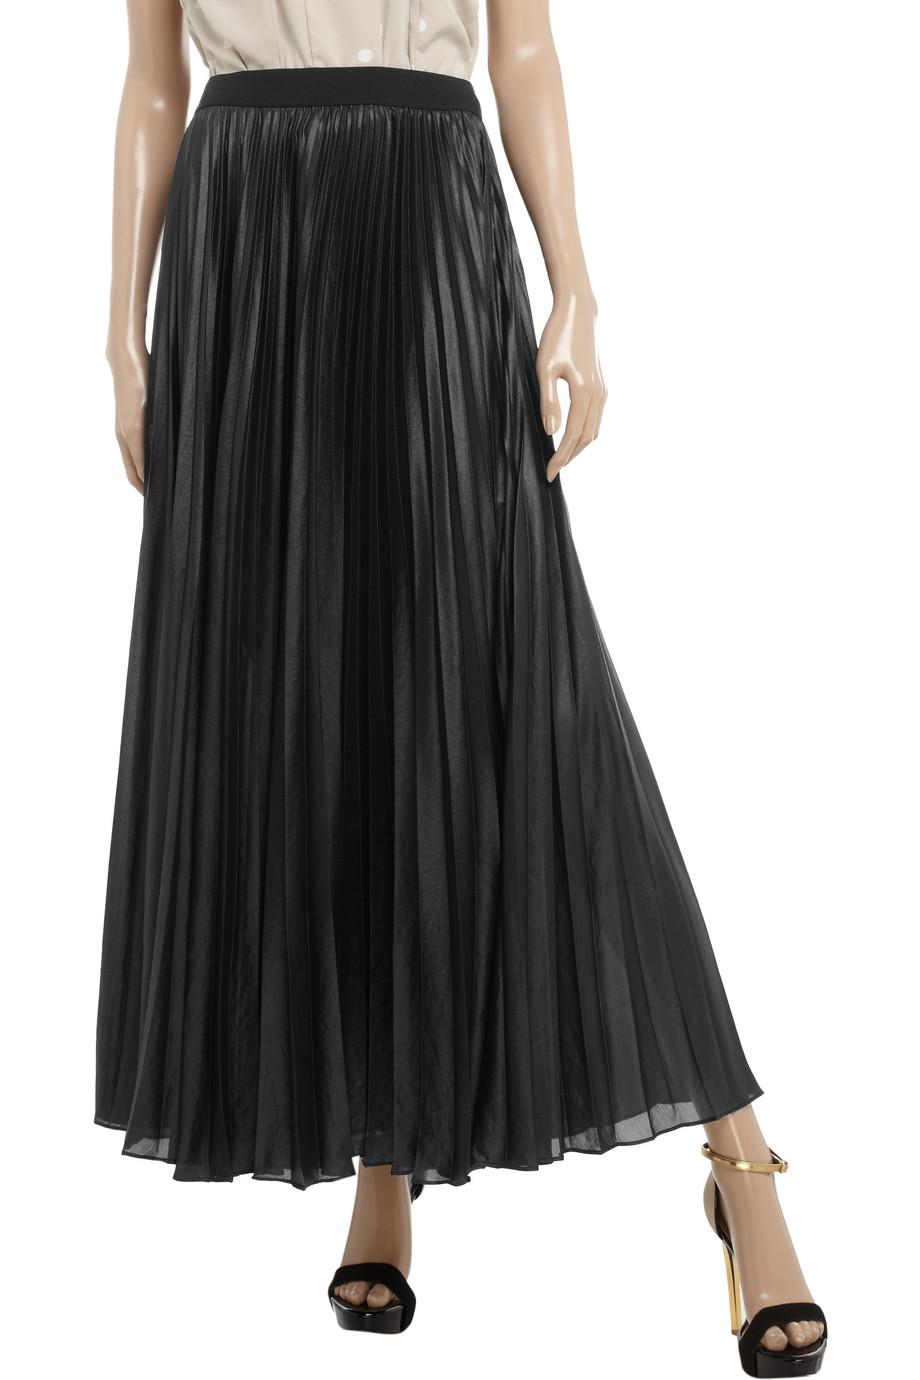 19f458ba082c BCBGMAXAZRIA Pleated Chiffon Maxi Skirt in Black - Lyst